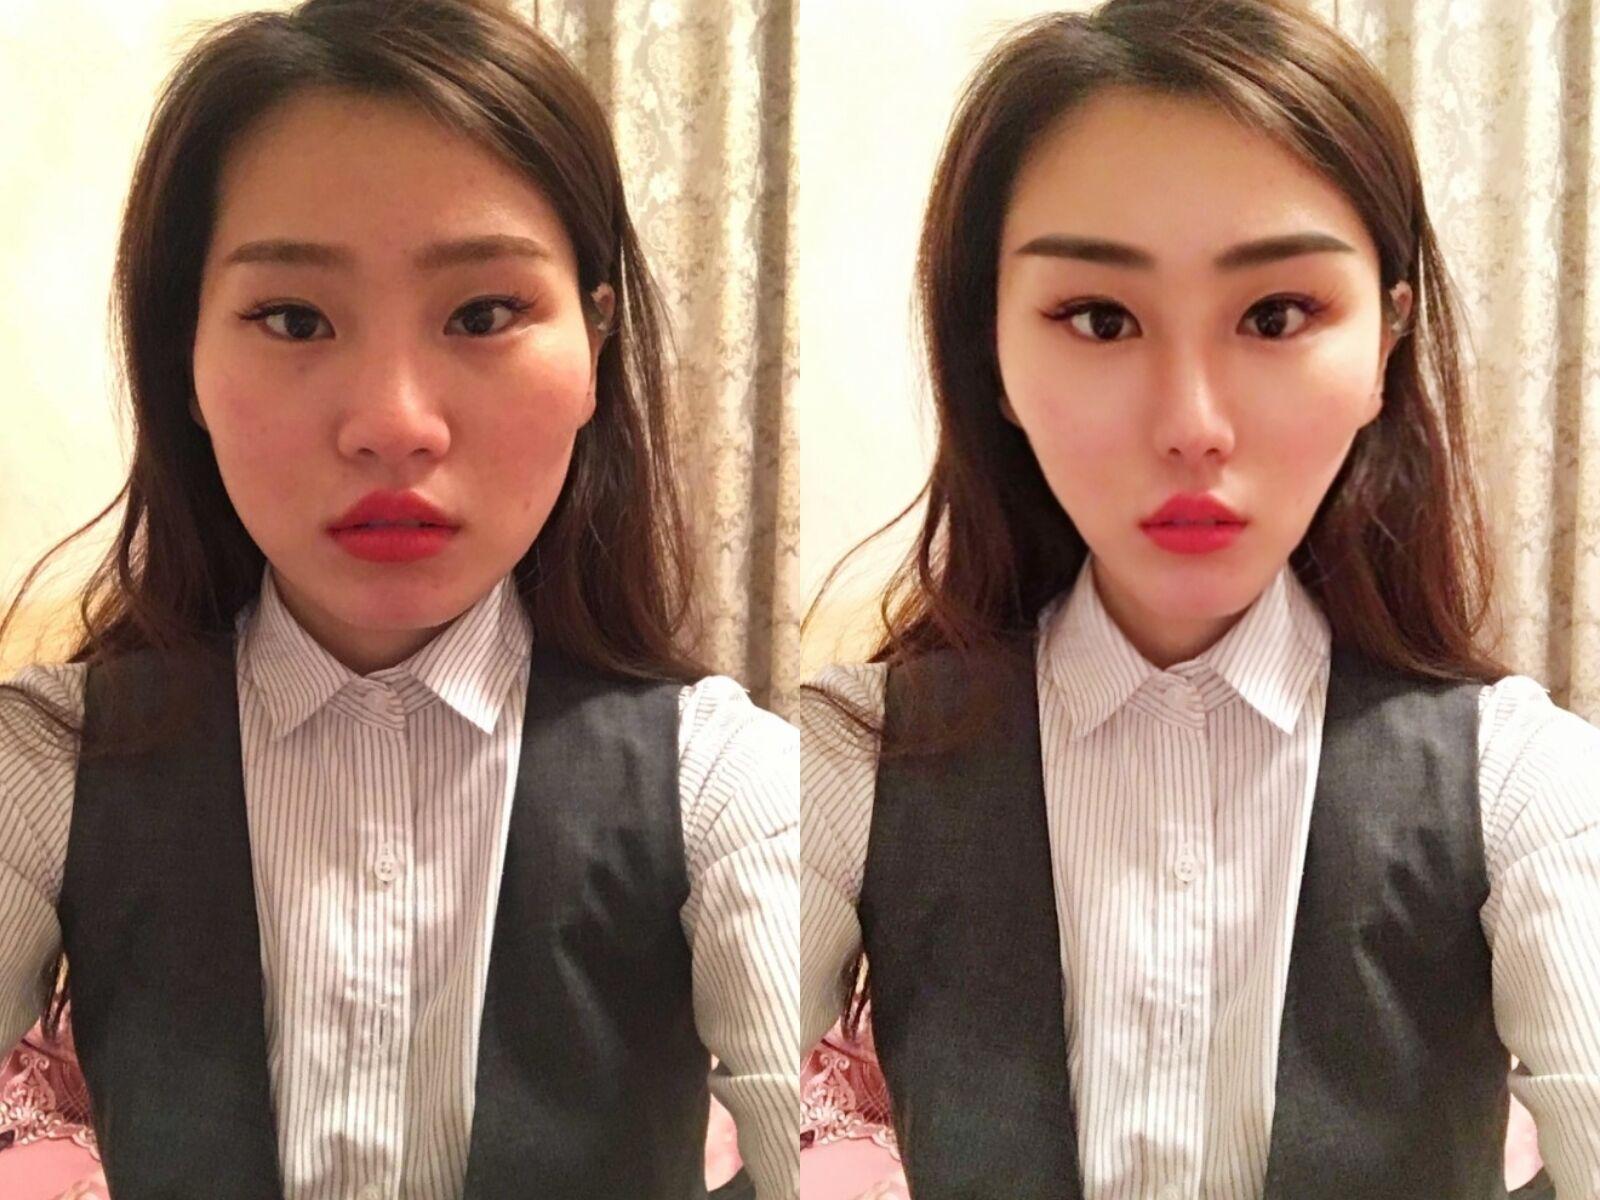 韩国隆鼻子修复好不好,5月份想去韩国做隆胸手术 和鼻子修复 想找个同伴一起啊 我在青岛